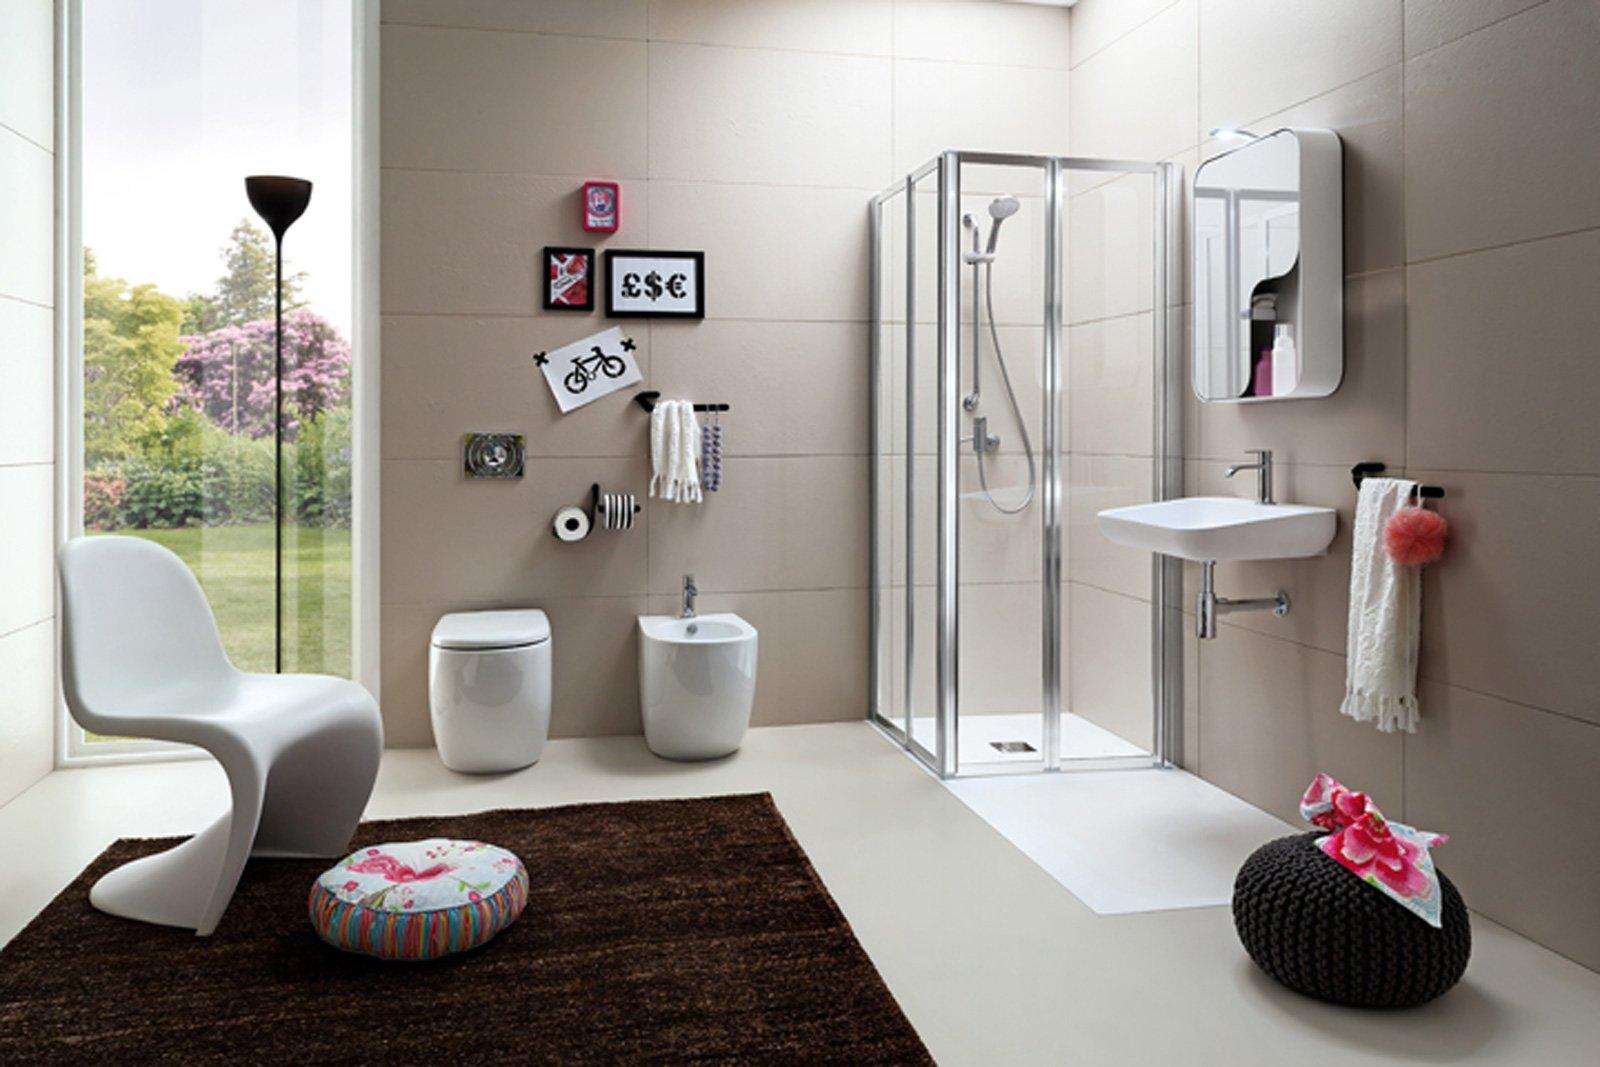 Docce rettangolari piccole cose di casa - Siliconare box doccia interno o esterno ...